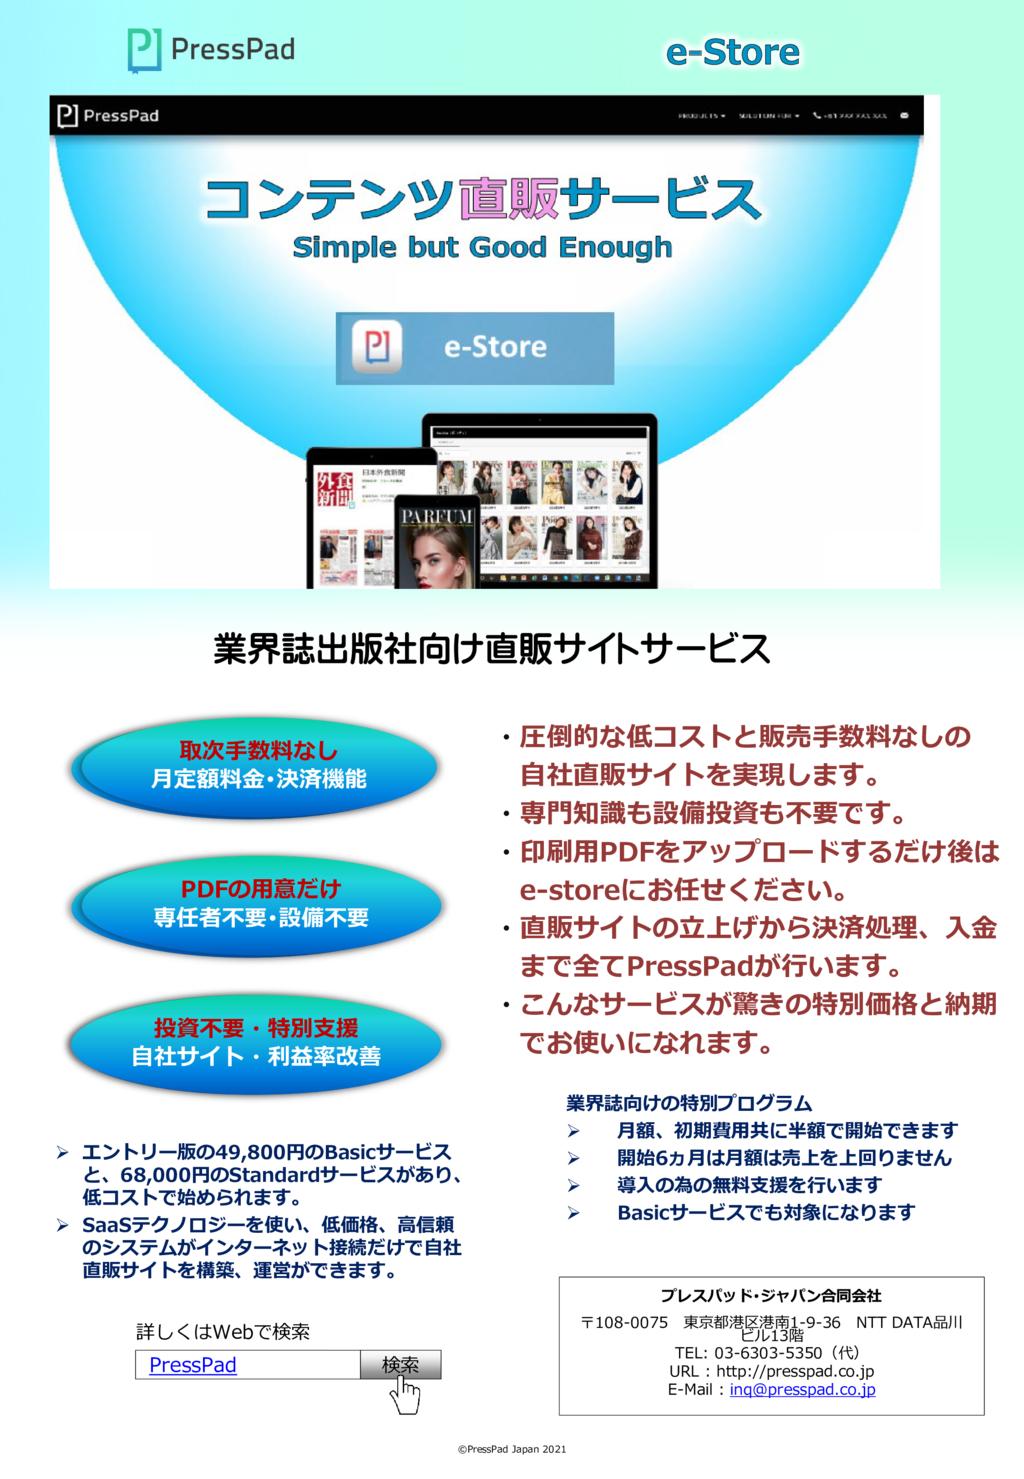 e-Storeの資料